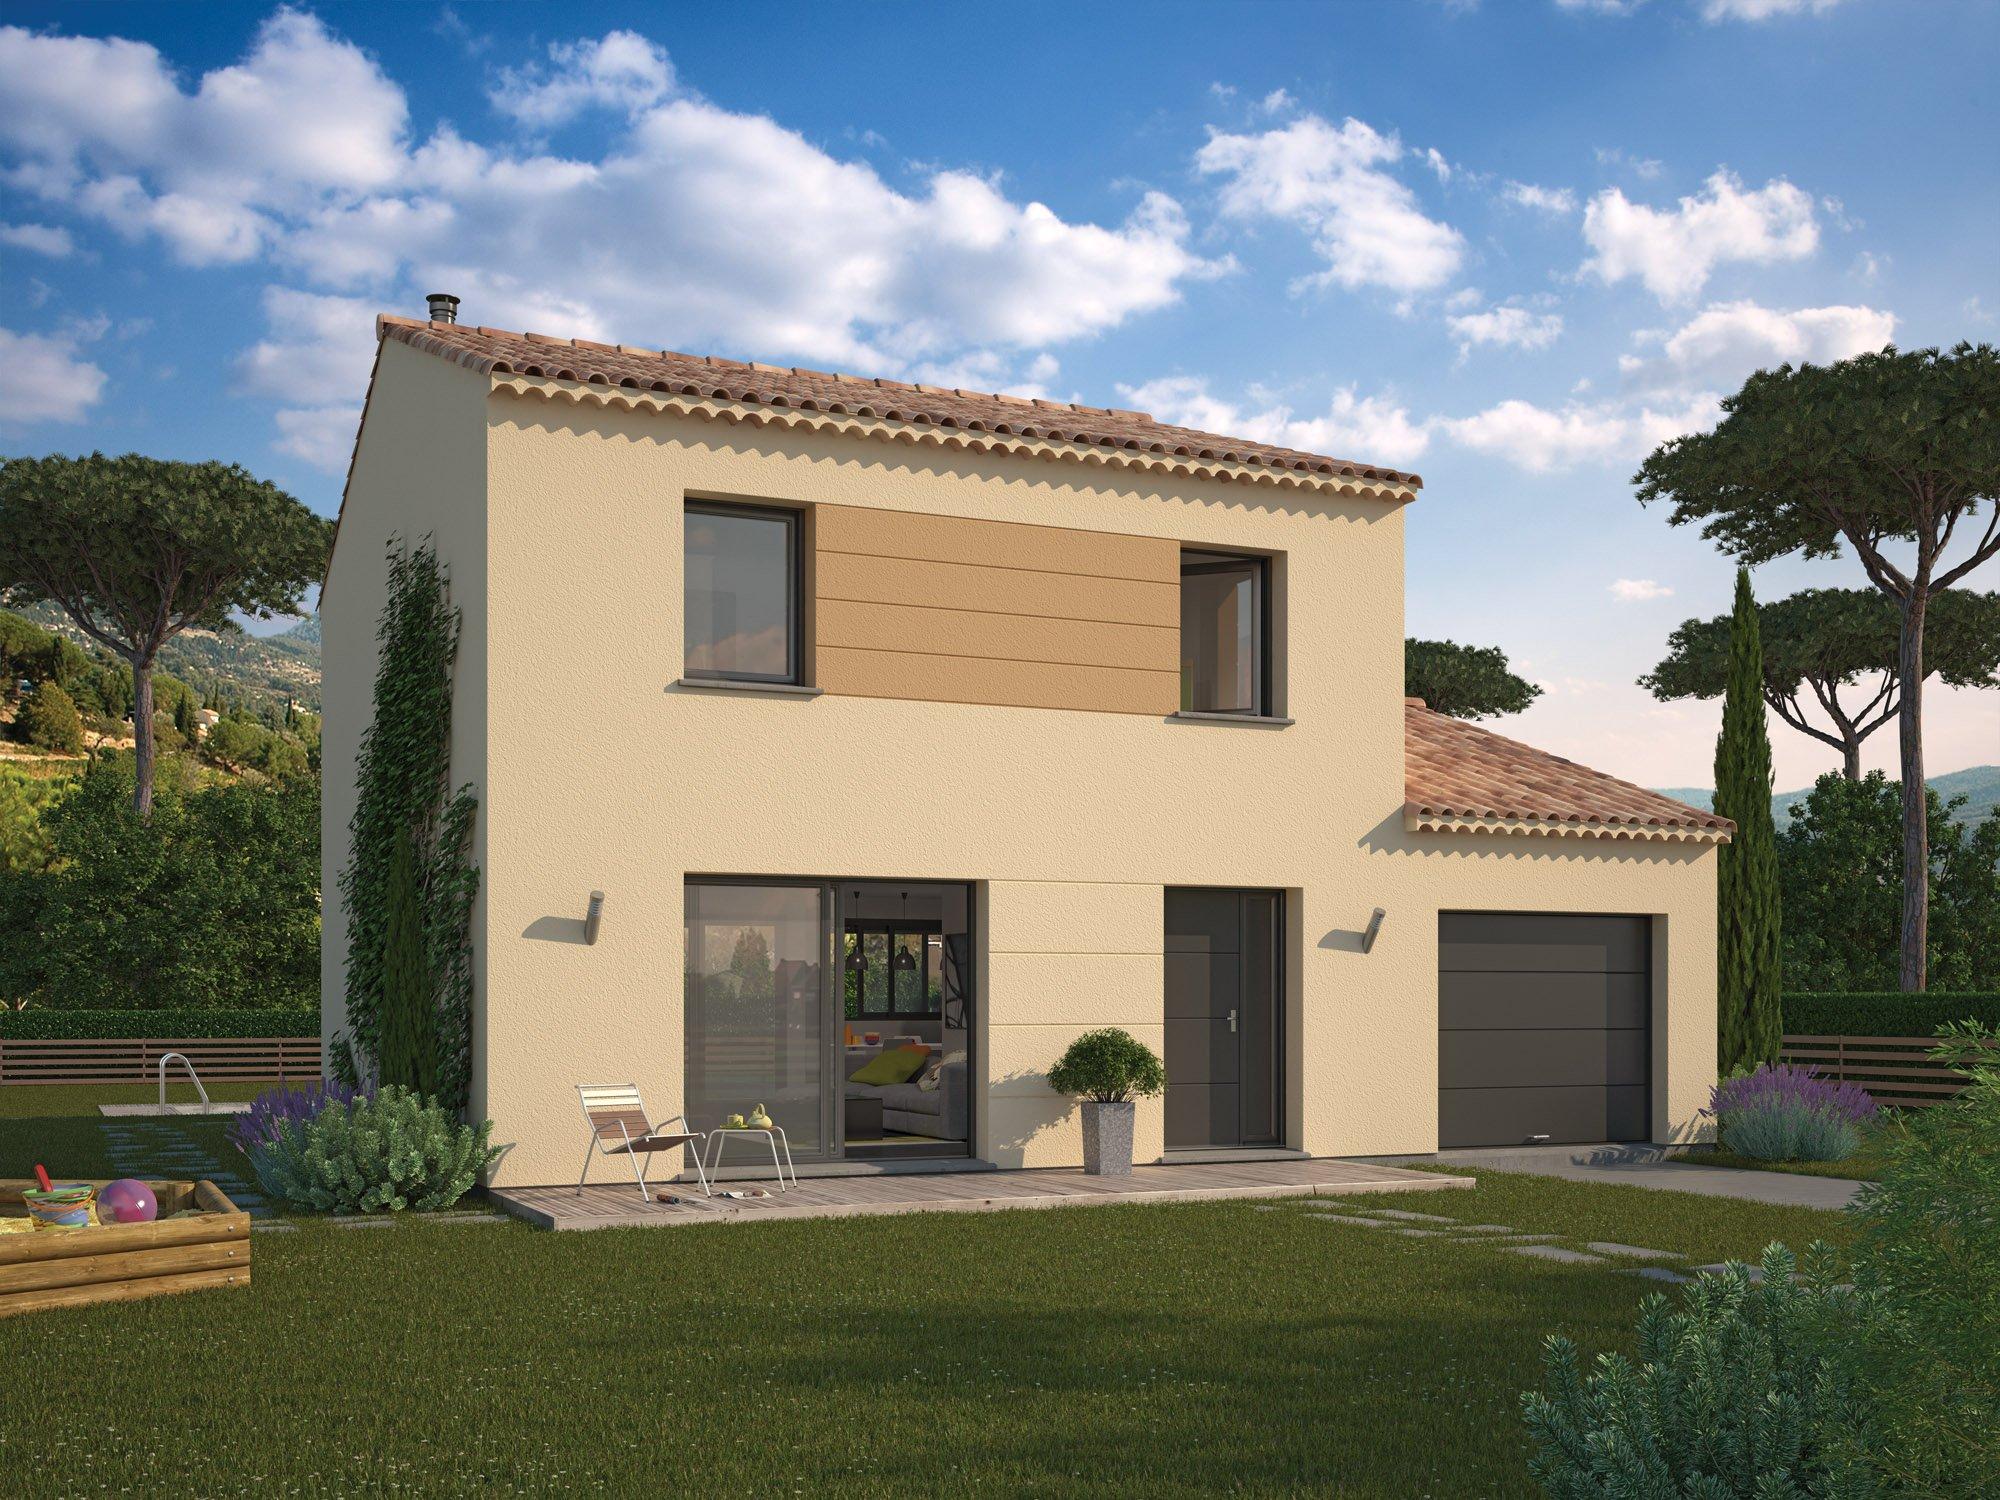 Maisons + Terrains du constructeur MAISON FAMILIALE • 98 m² • LUNEL